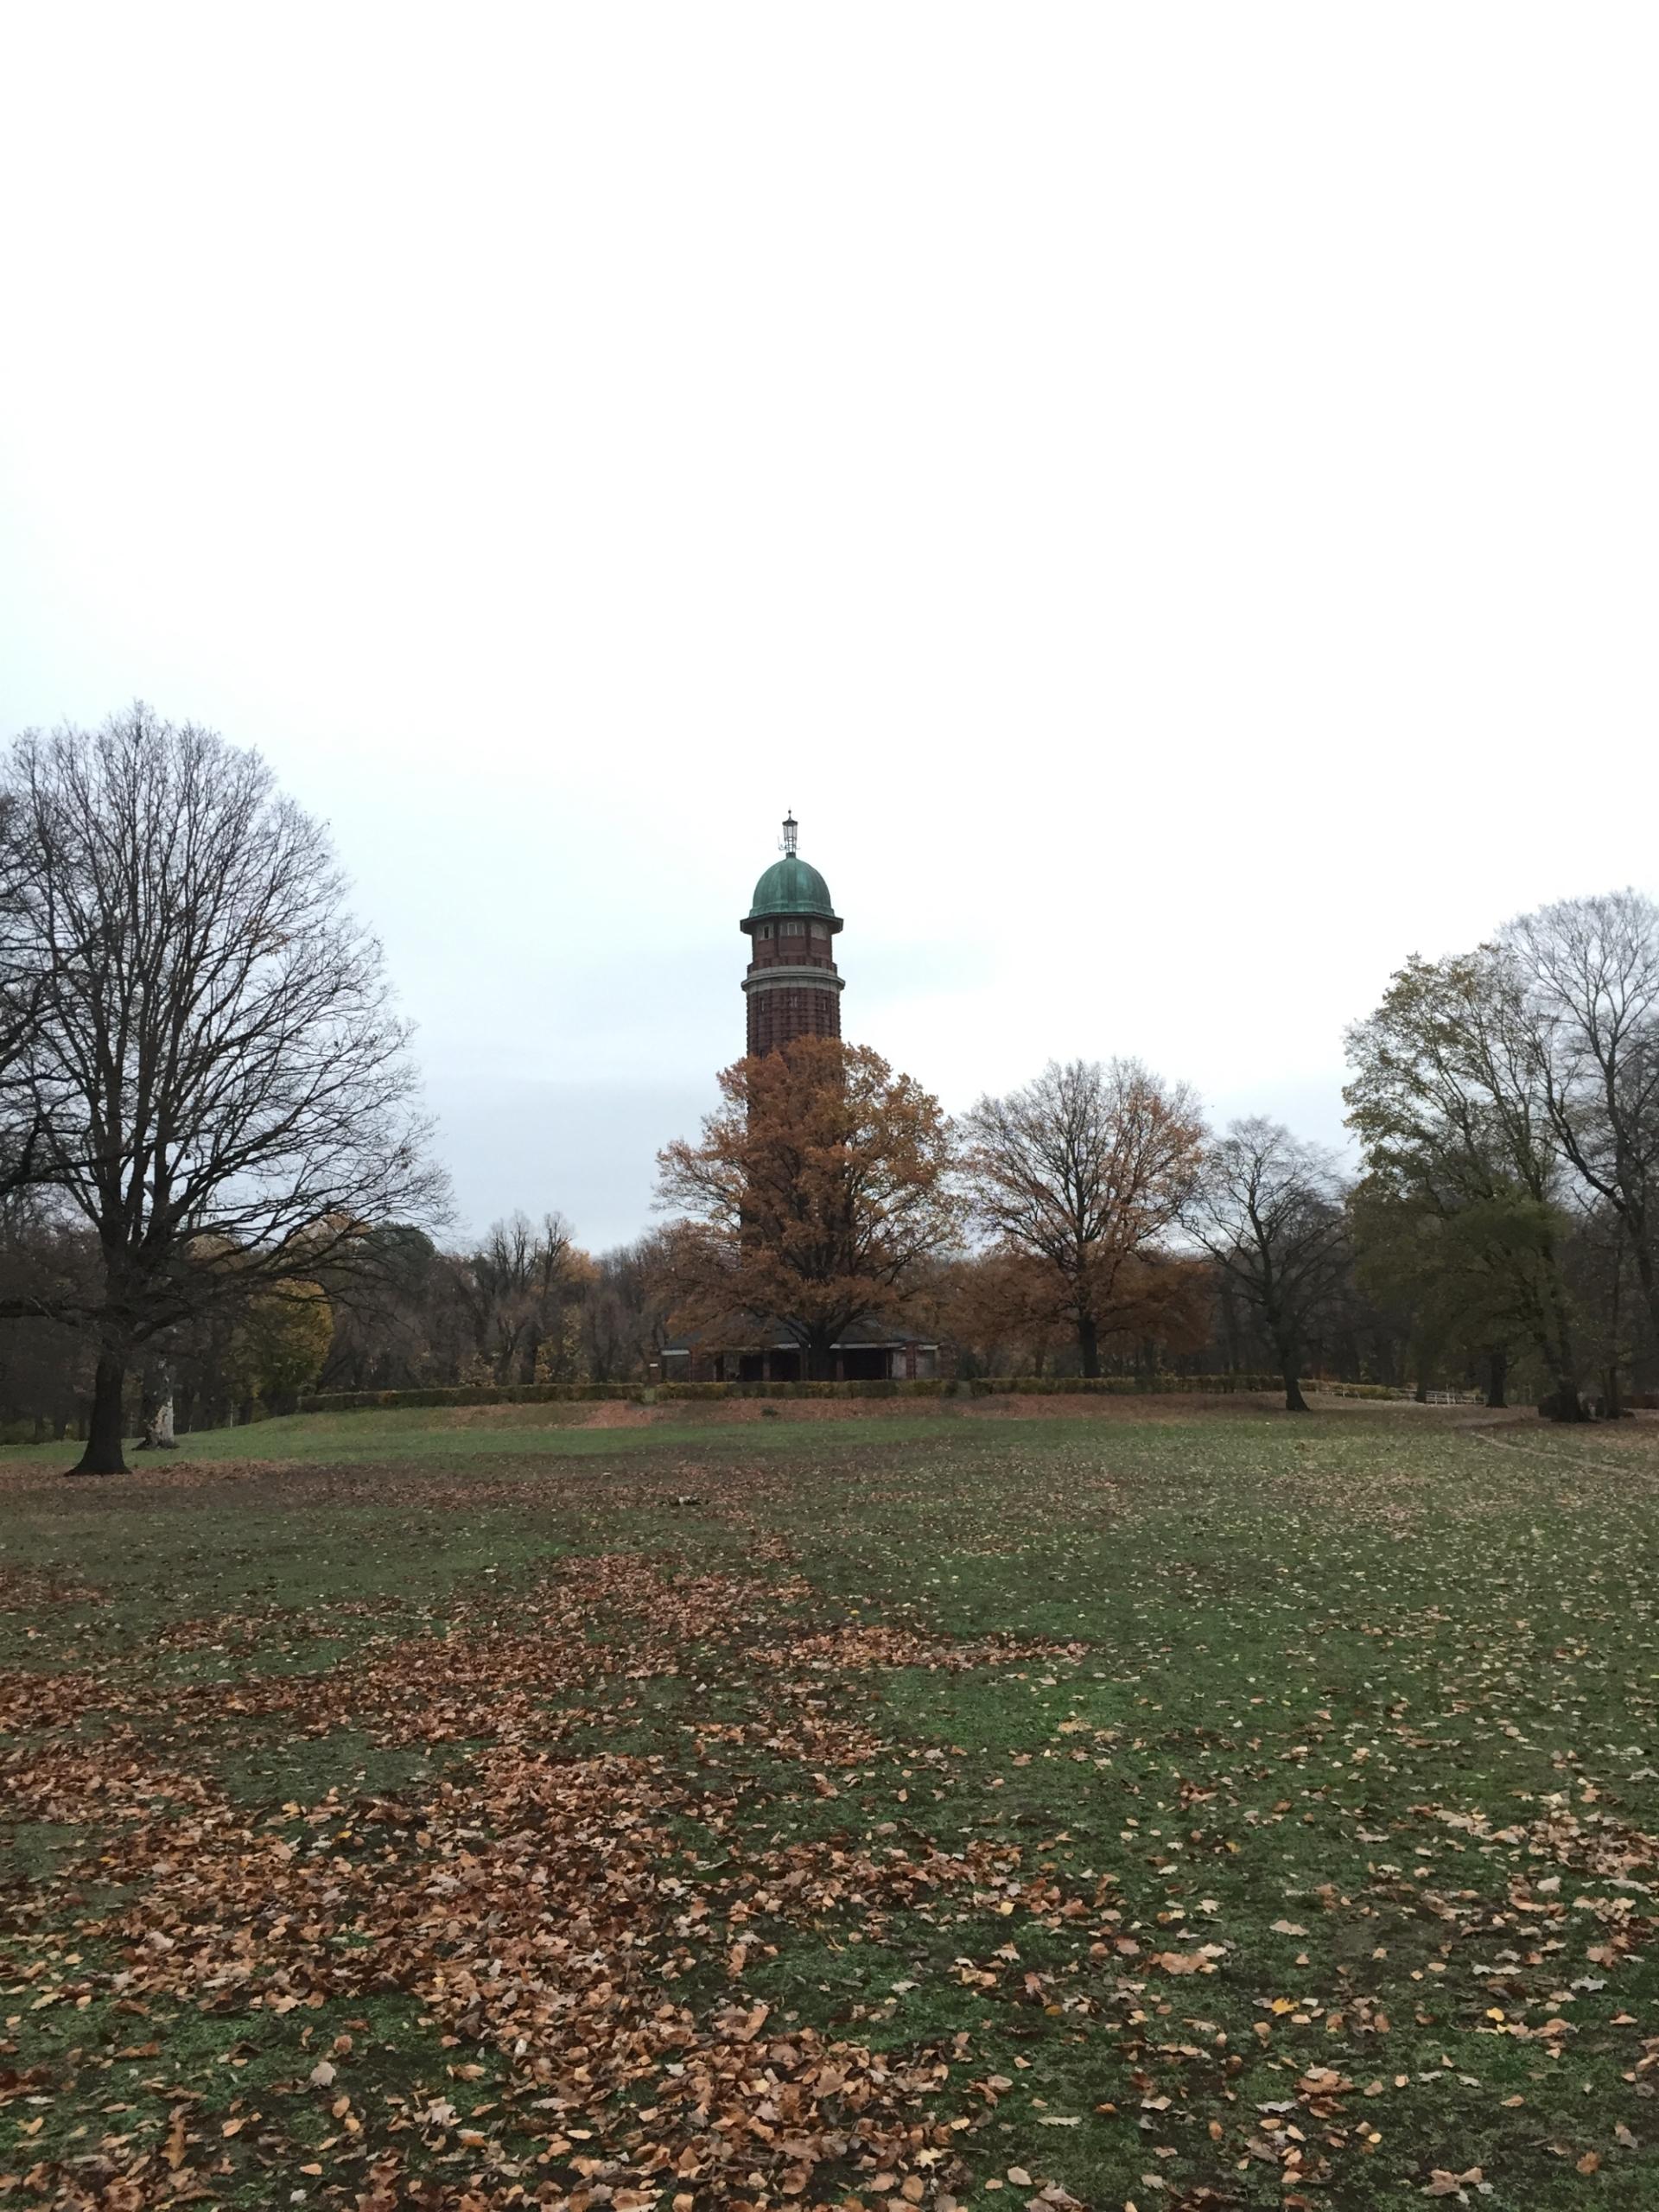 Ein Turm im Jungfernheidepark in Berlin, aufgenommen mit dem iPhone 6.